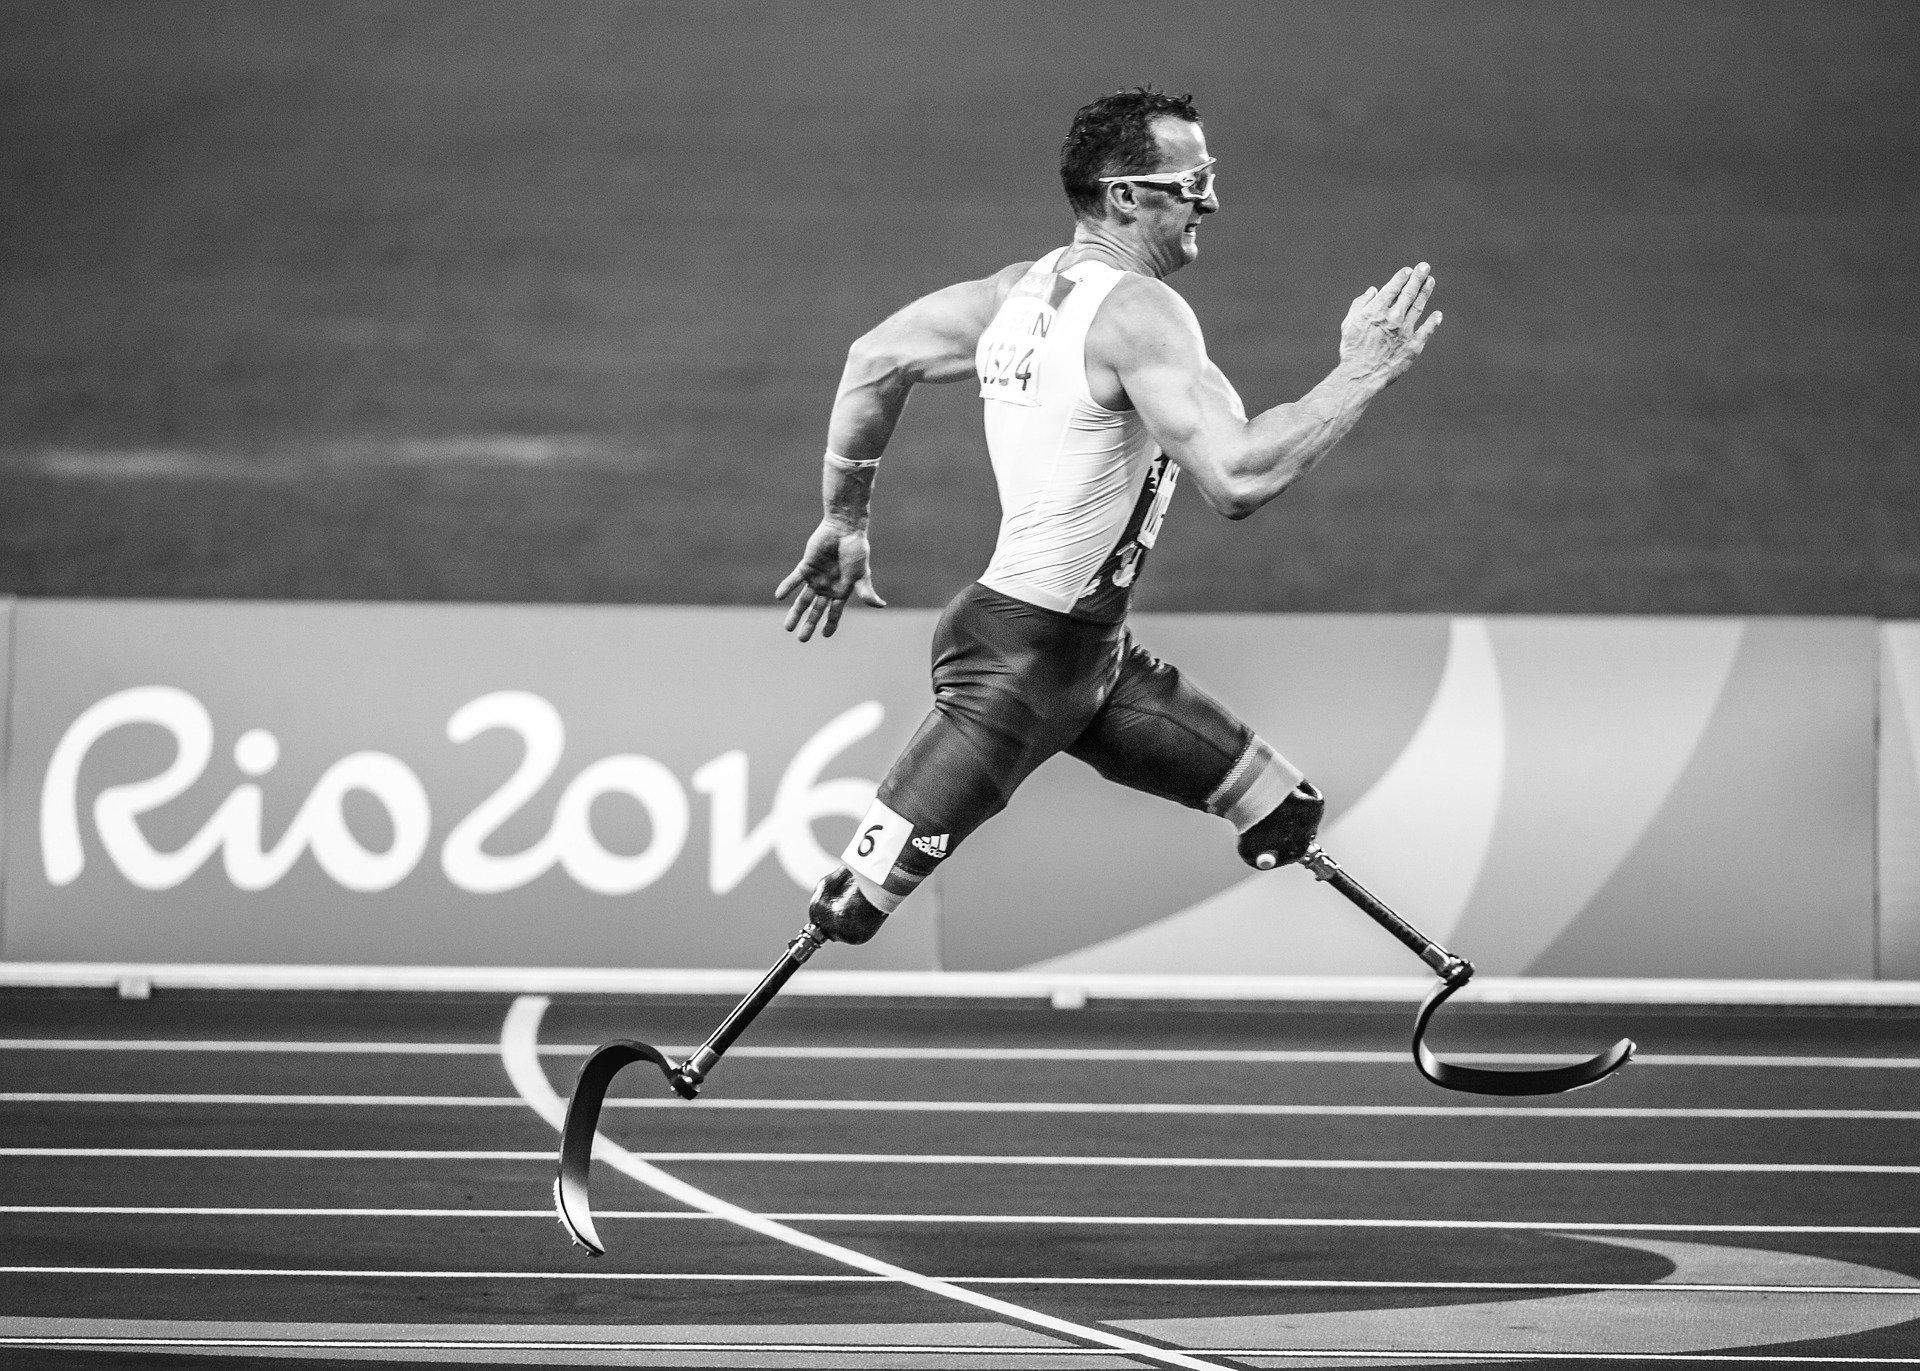 Protesi sportive, come tornare a praticare sport dopo un'amputazione